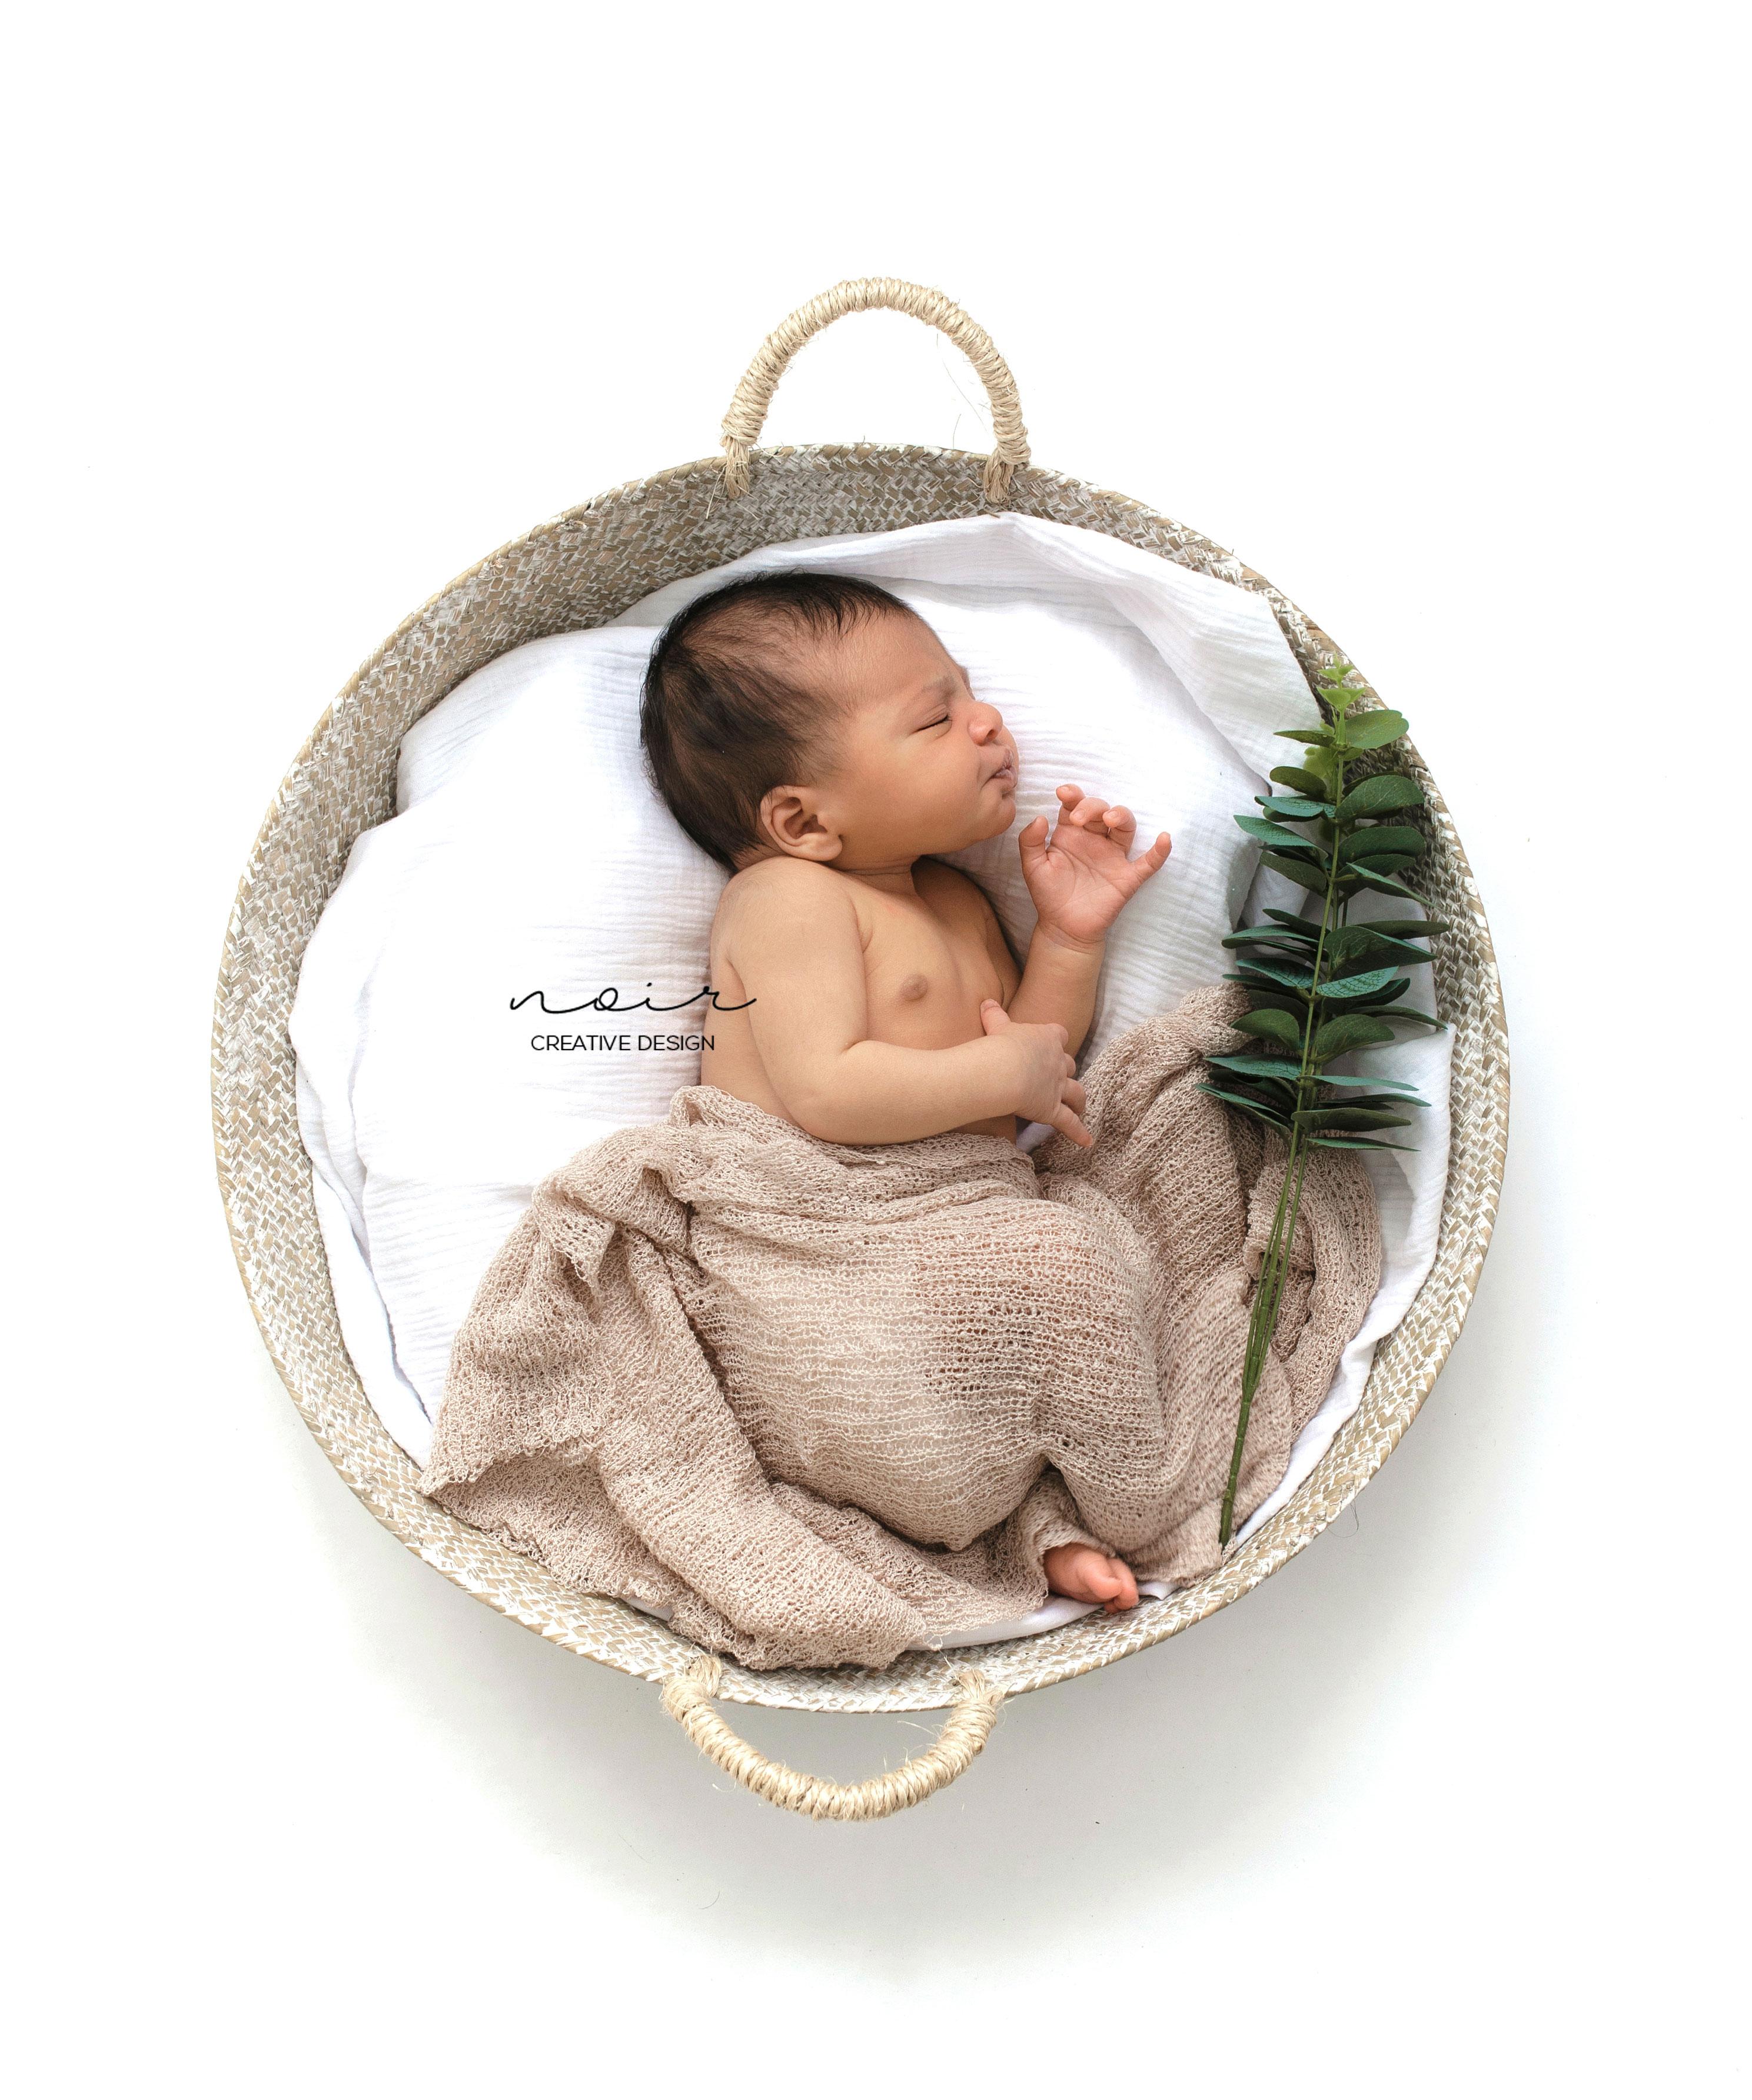 newborn pasgeboren fotoshoot NOIR wevelgem botanisch elegant aan huis Wevelgem Kortrijk Ieper Roeselare fotografie